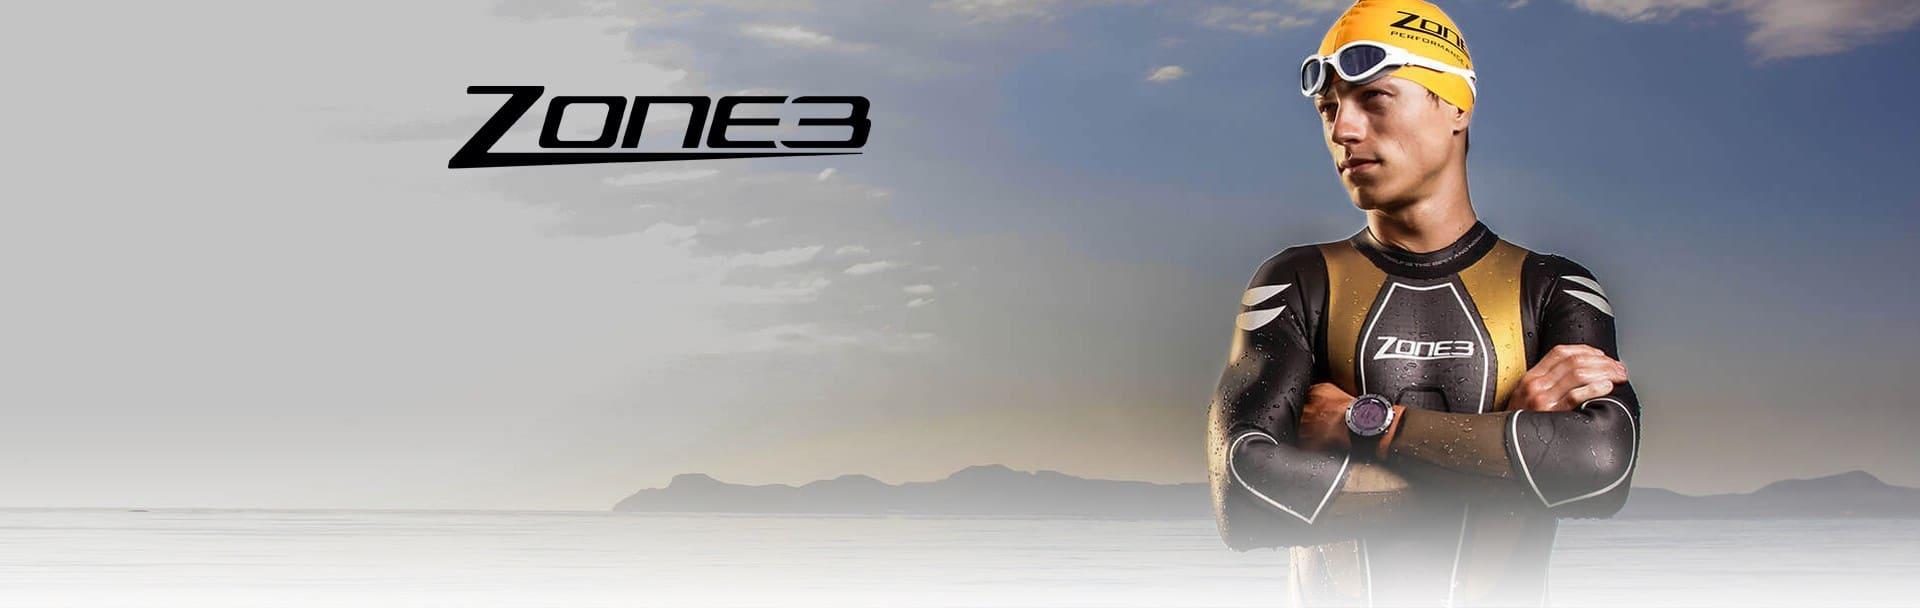 Zone-3